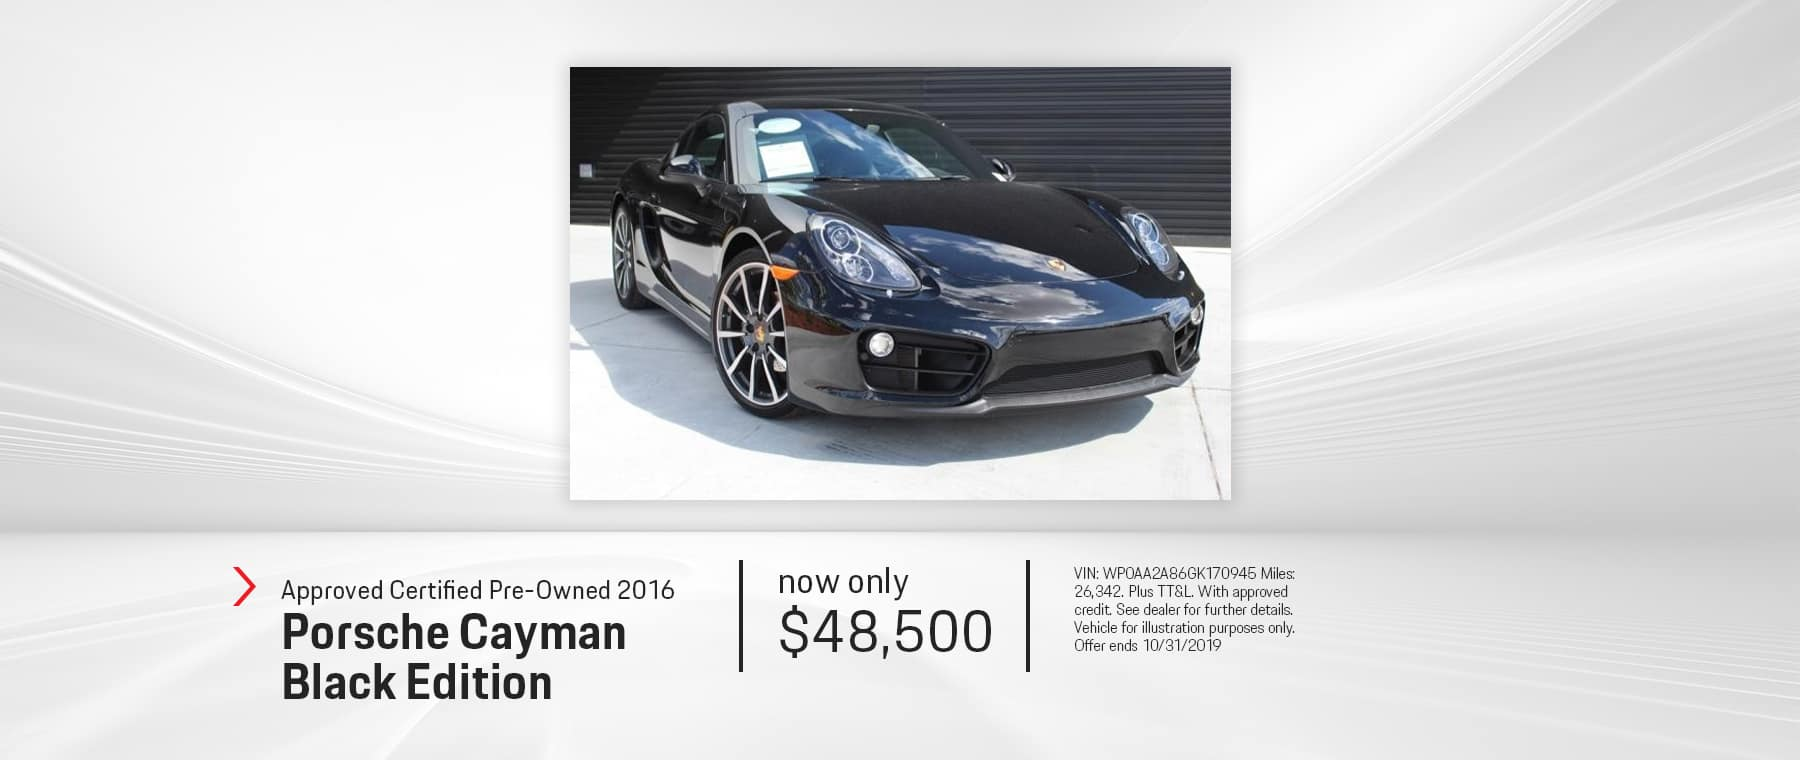 Porsche_El_Paso_Cayman_Black_Edition